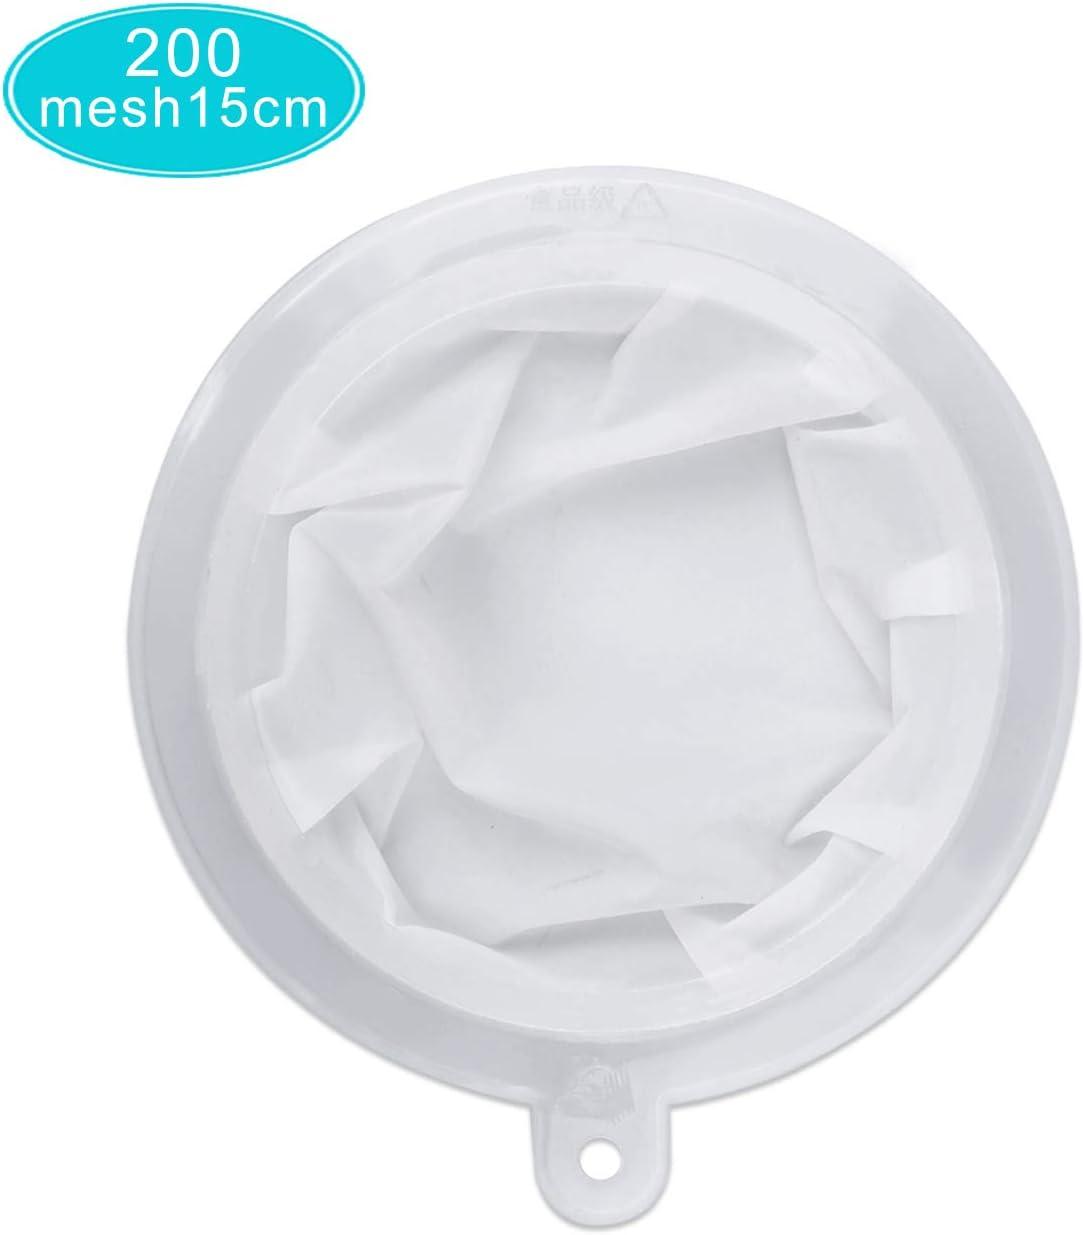 200 Mesh HAUSPROFI Sieb Filter Kompatibel mit 15cm K/üchen Trichter f/ür Filterung von Saft Kaffee Wein Milch